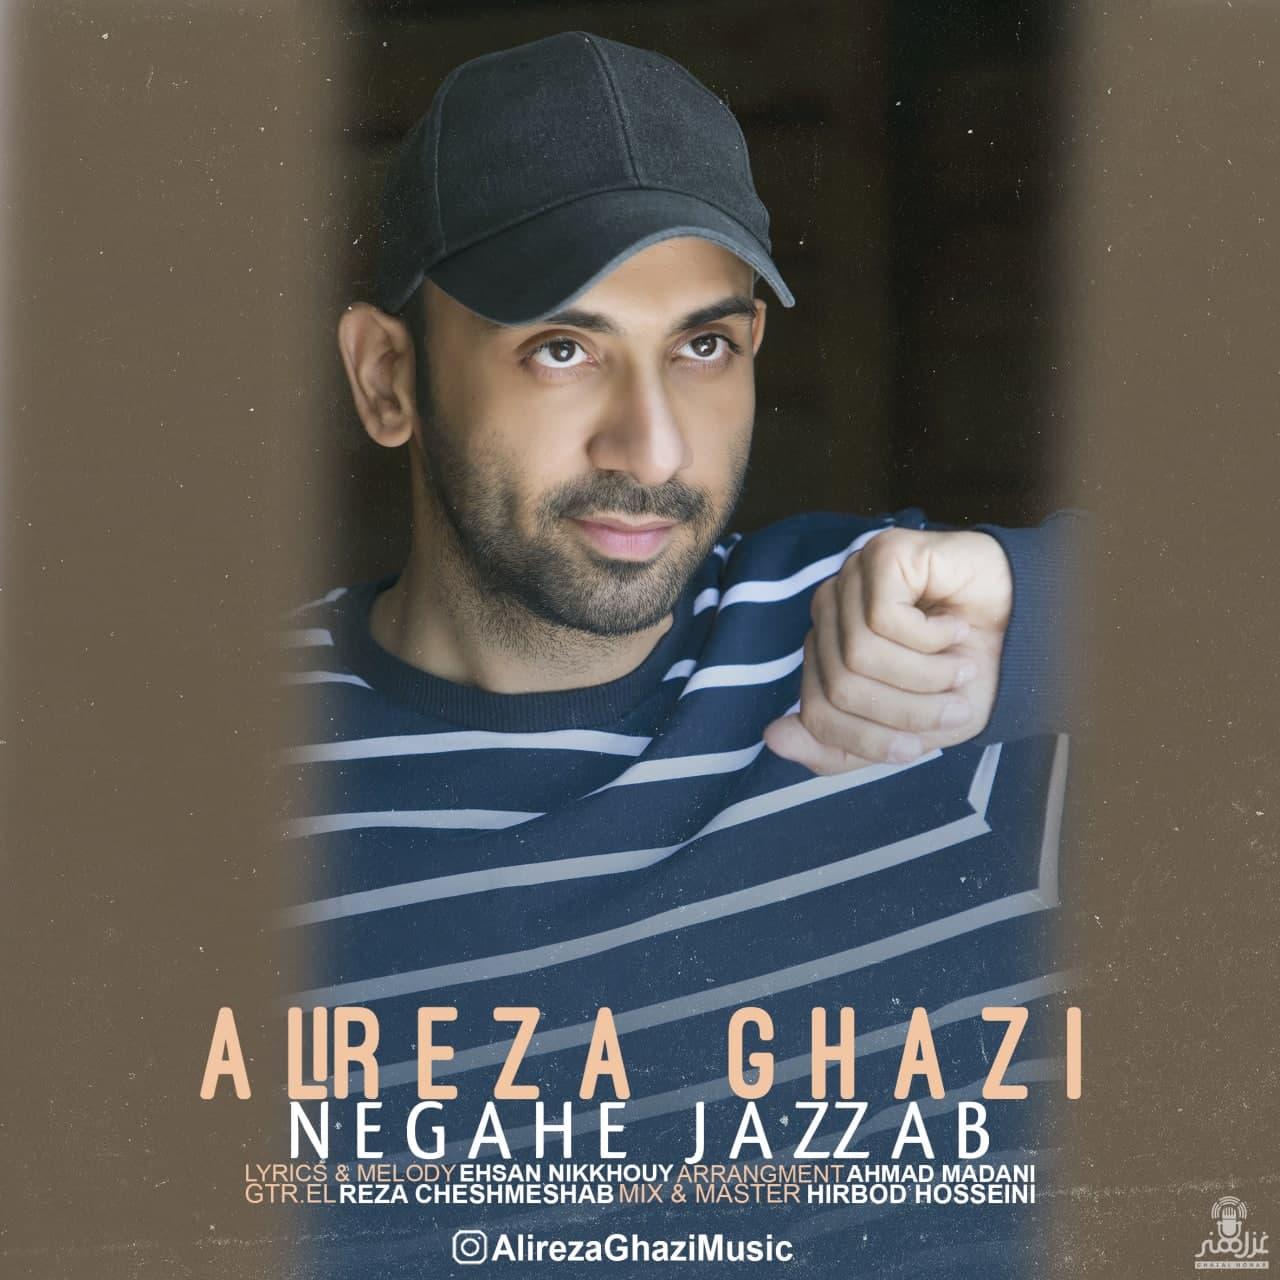 Alireza Ghazi – Negahe Jazzab